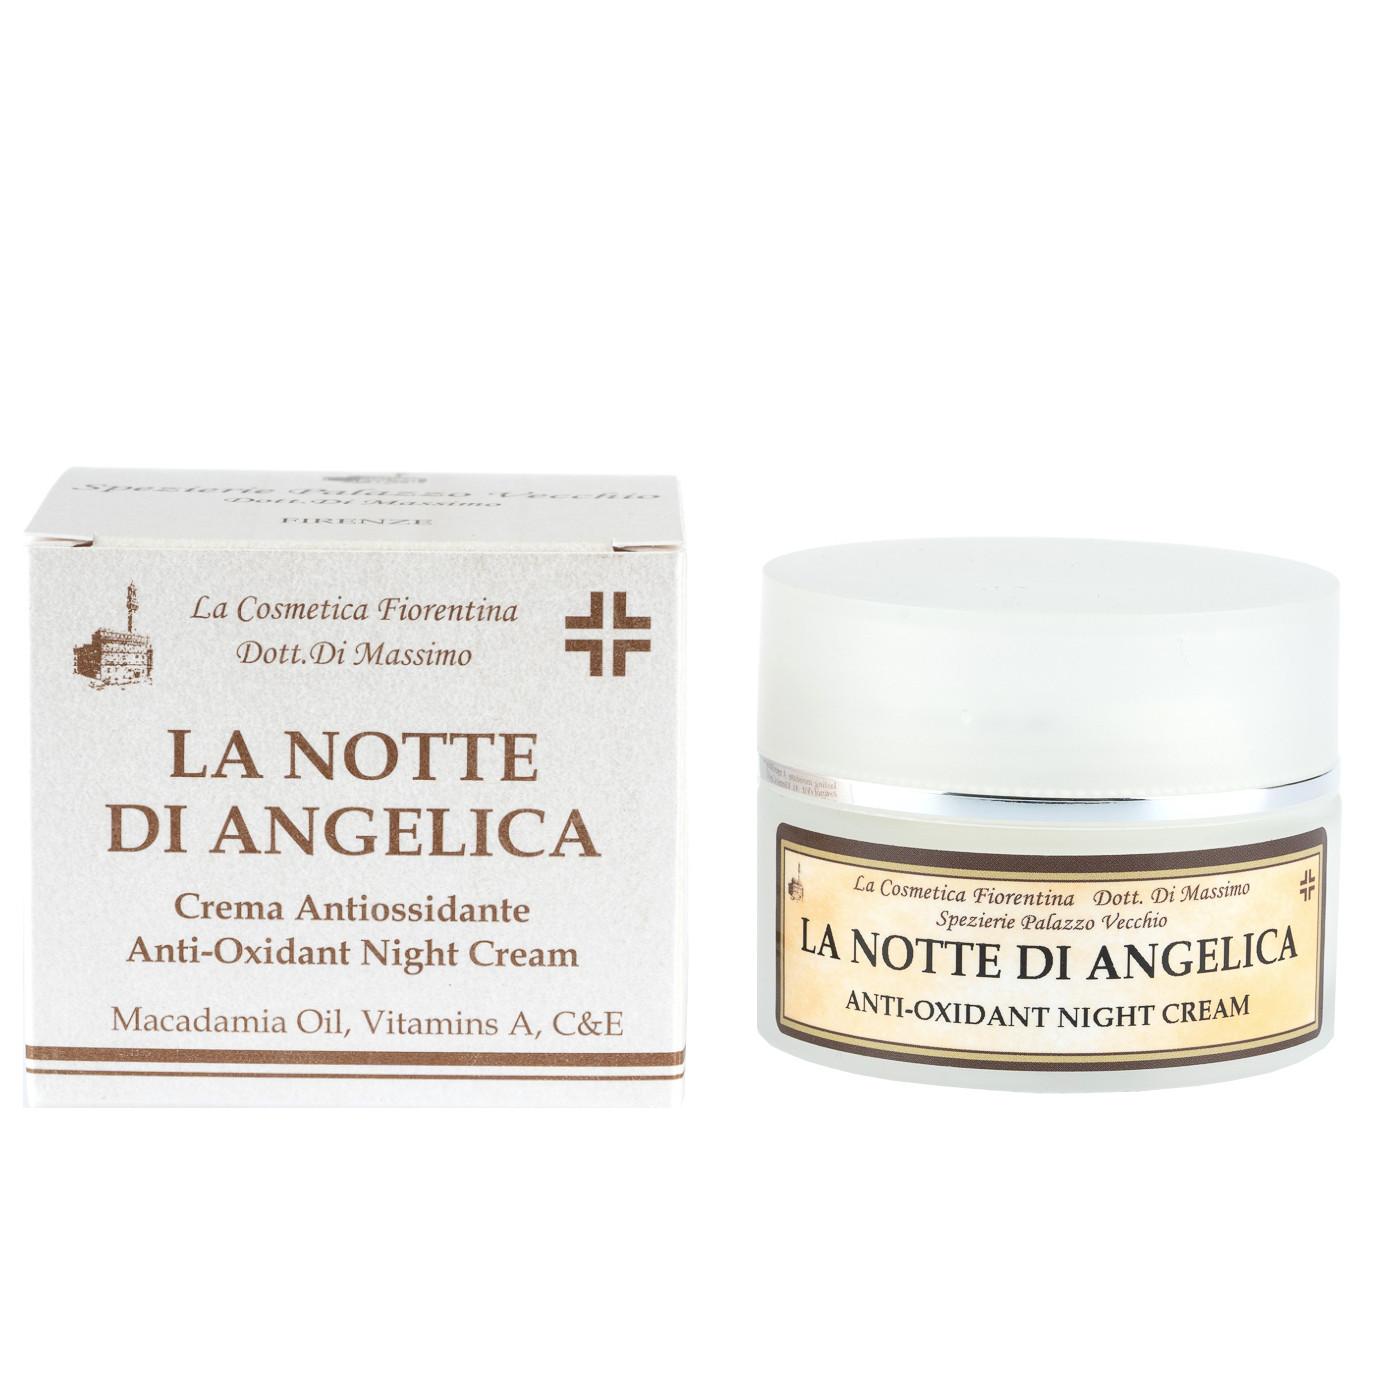 LA NOTTE DI ANGELICA - ANTI-OXIDANT NIGHT CREAM -0